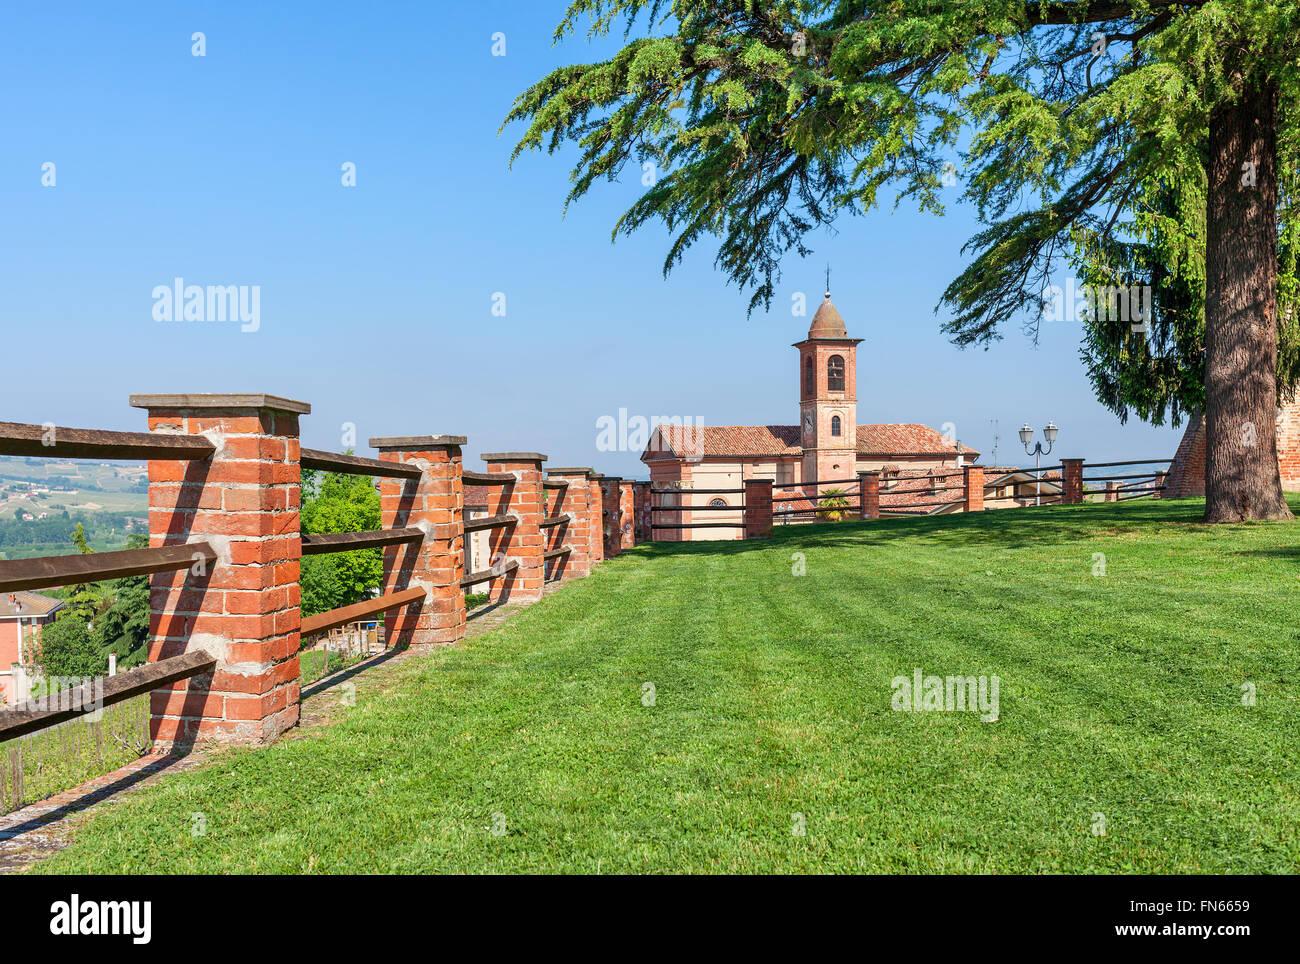 Clôture le long de la brique pelouse verte comme petite église paroissiale sur l'arrière-plan Photo Stock